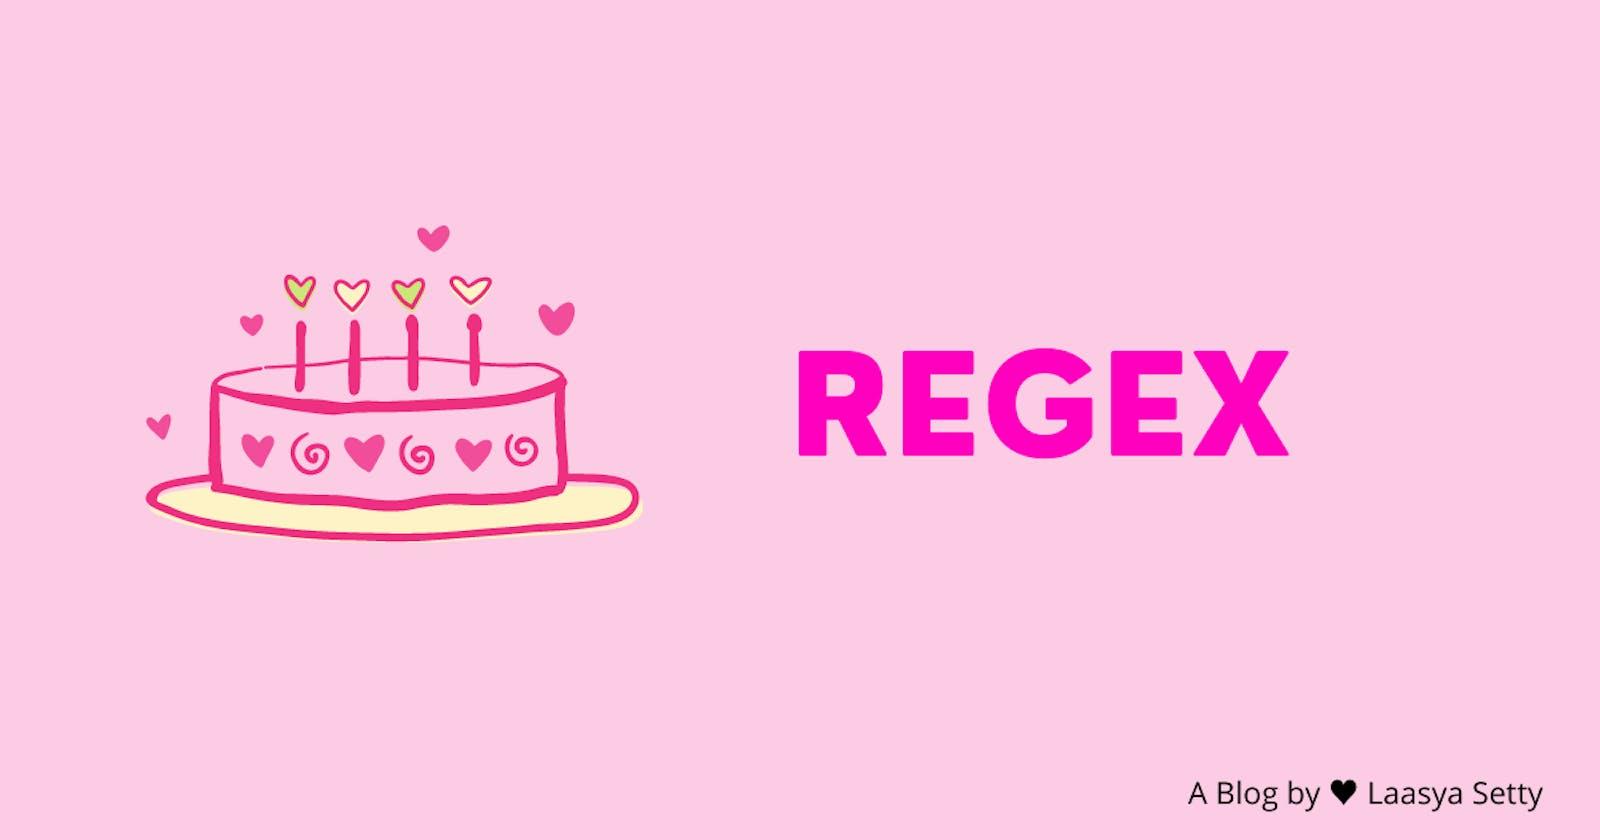 REGEX - It's a Piece of Cake!